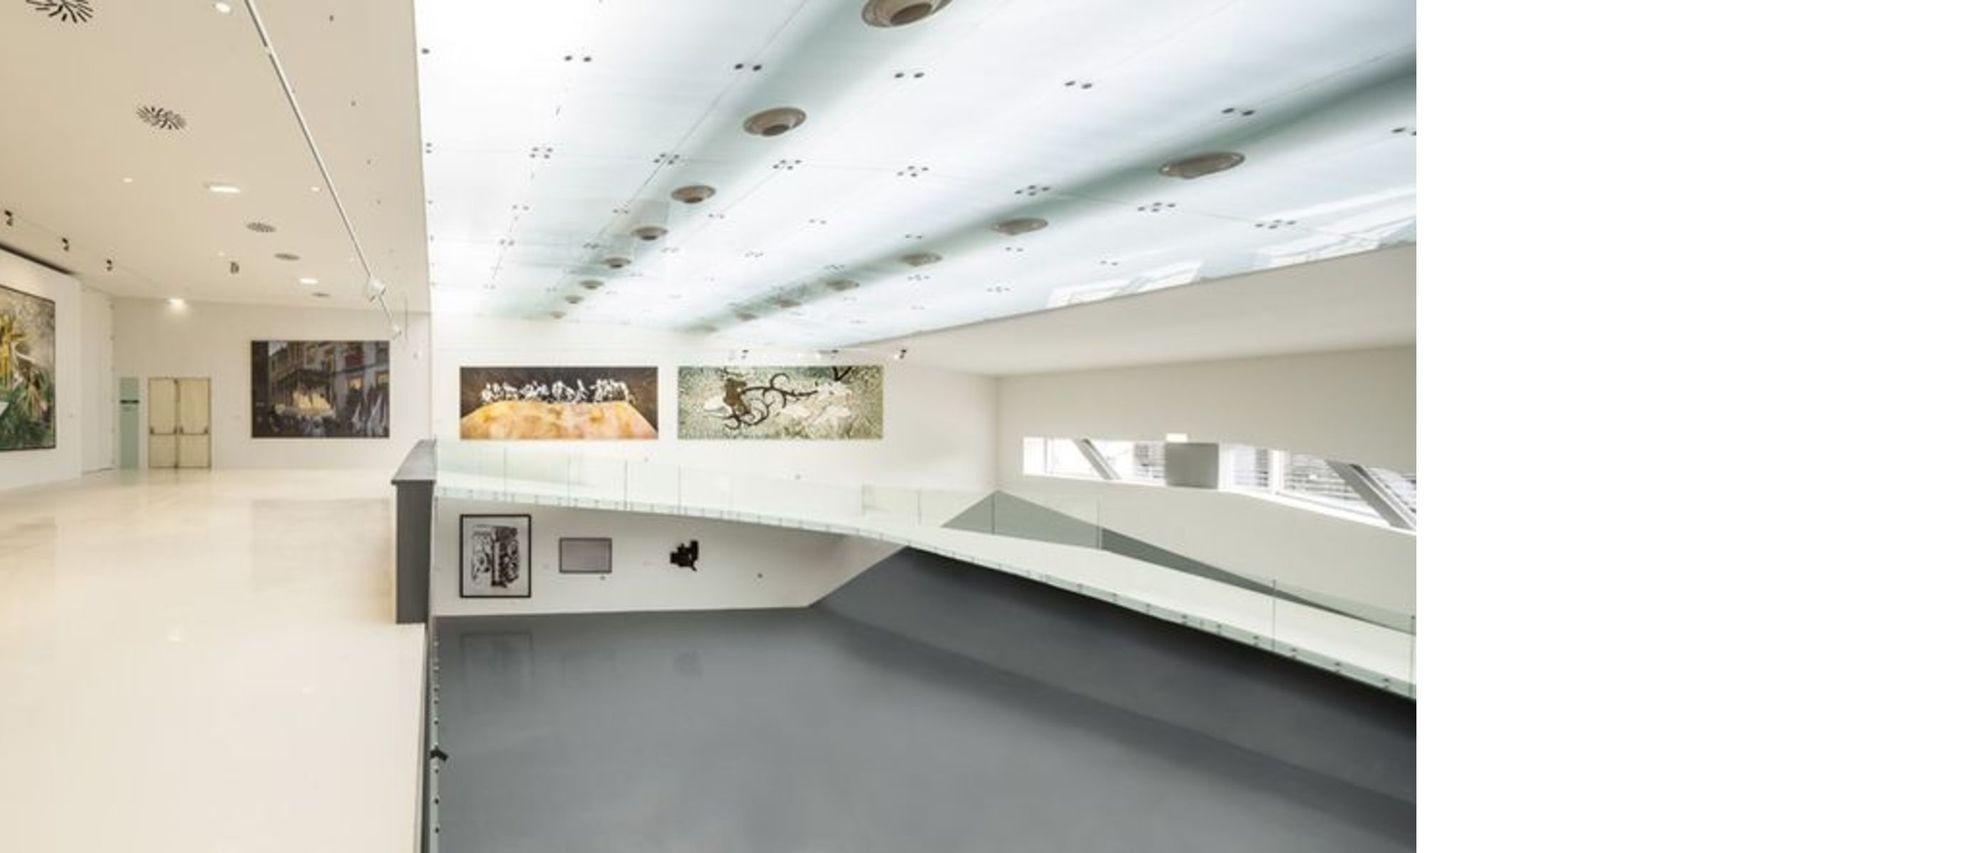 Mateo Arquitectura: Castelo Branco Arts Centre, Portugal